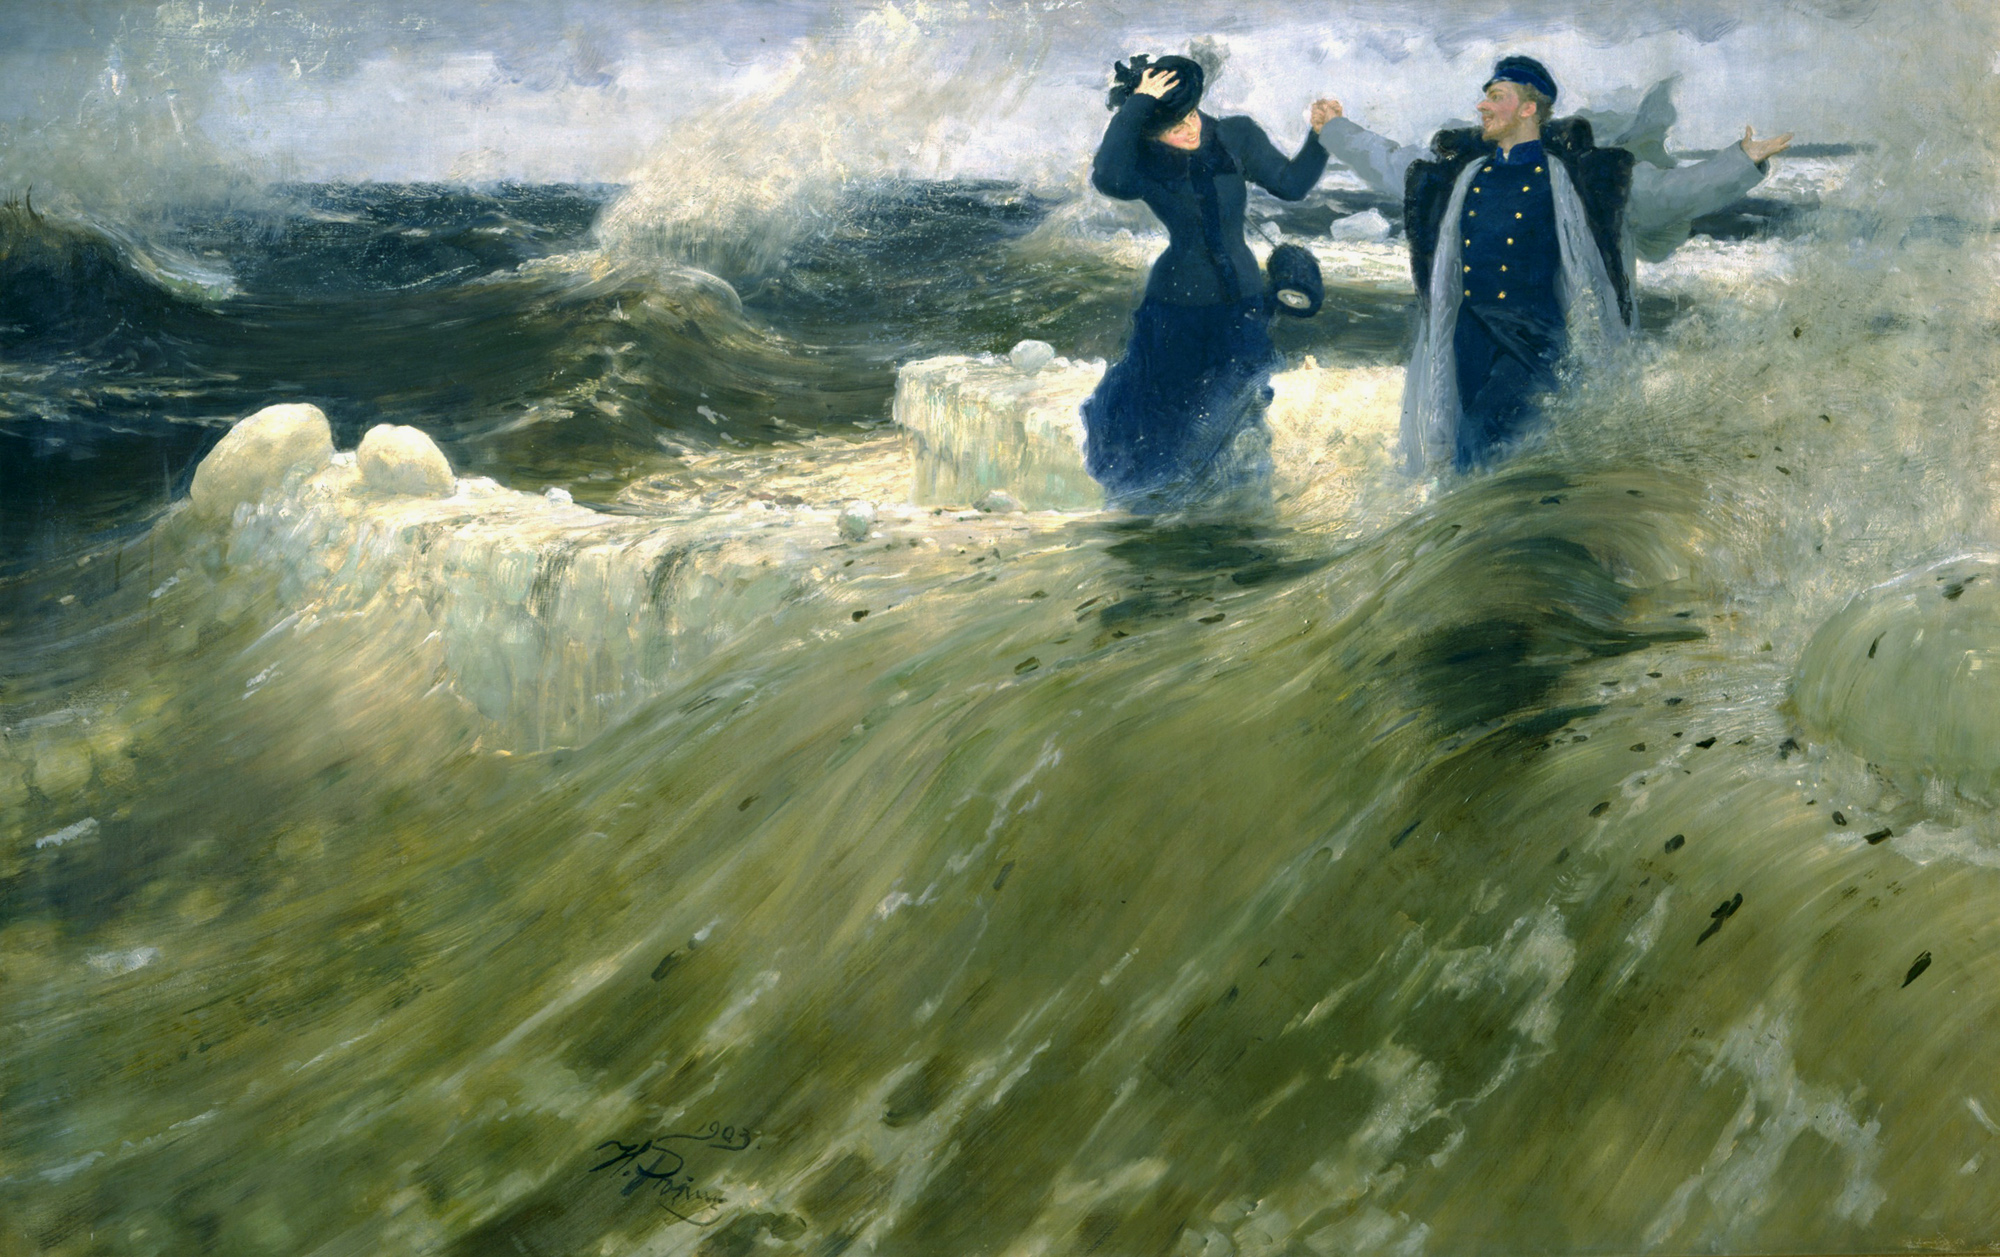 ¡Qué Libertad!, Ilya Repin, 1903. Museo ruso de San Petersburgo.